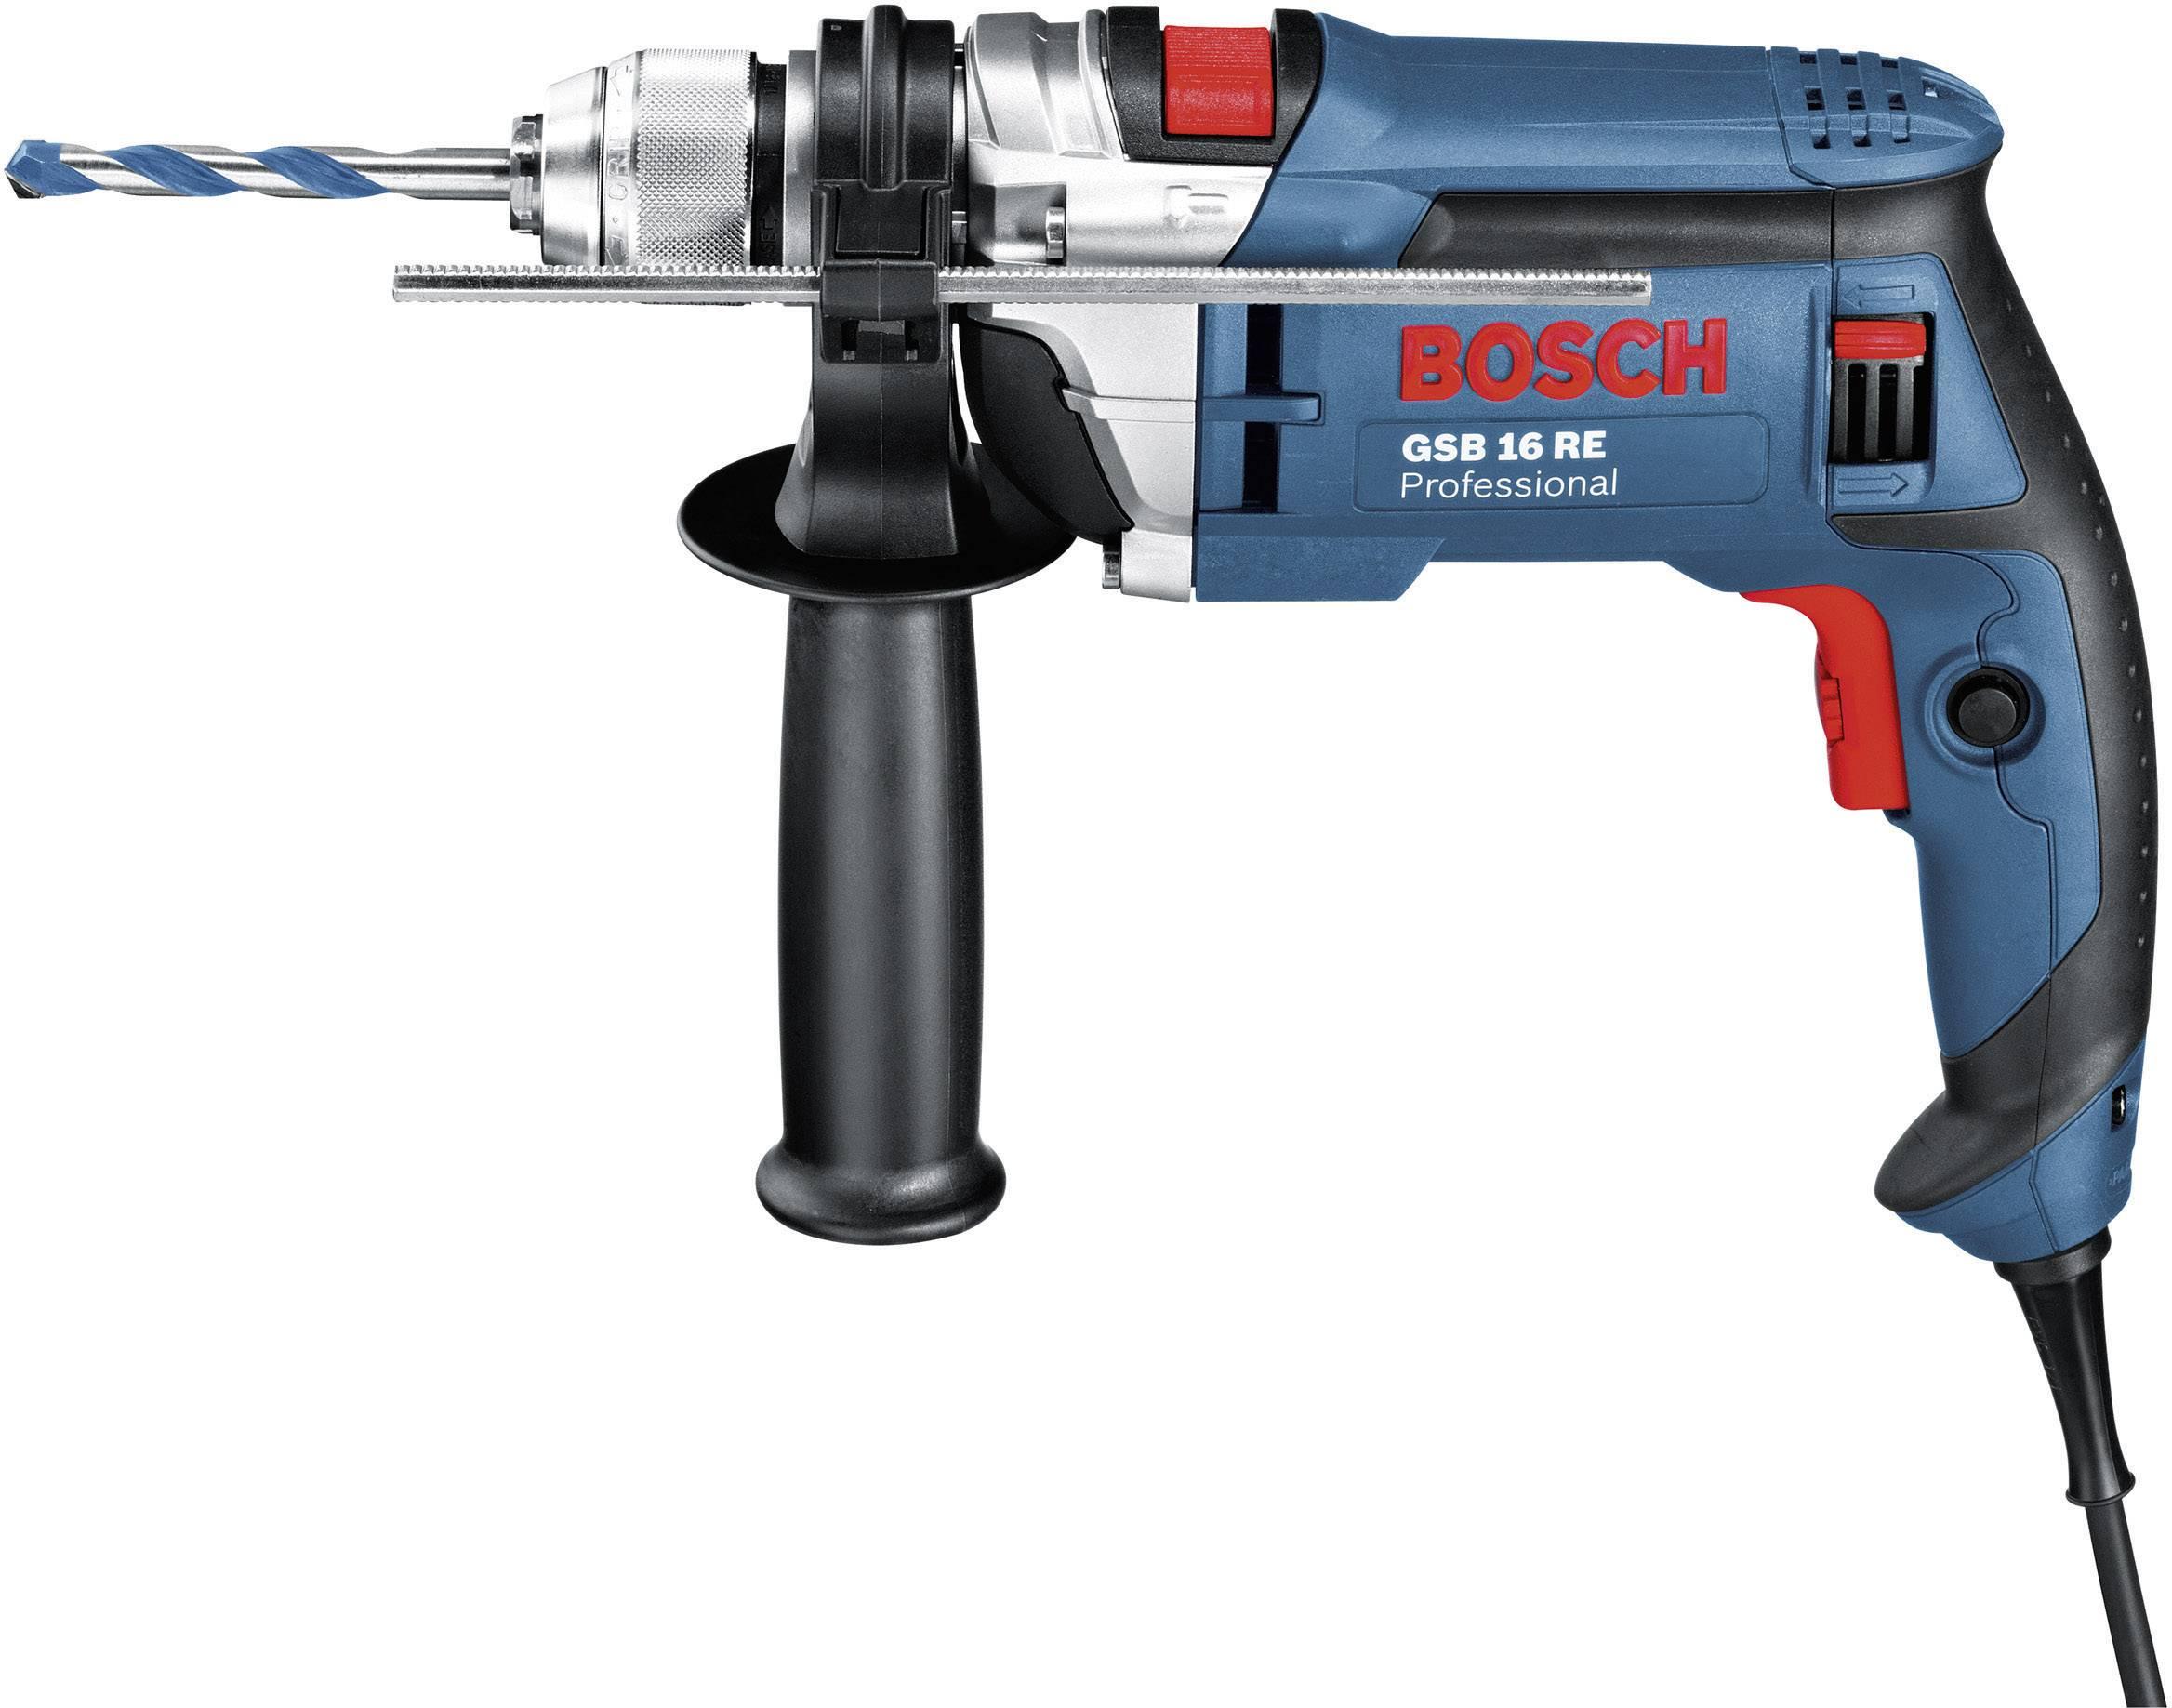 Bosch Professional GSB 16 RE 2cestný-příklepová vrtačka 750 W